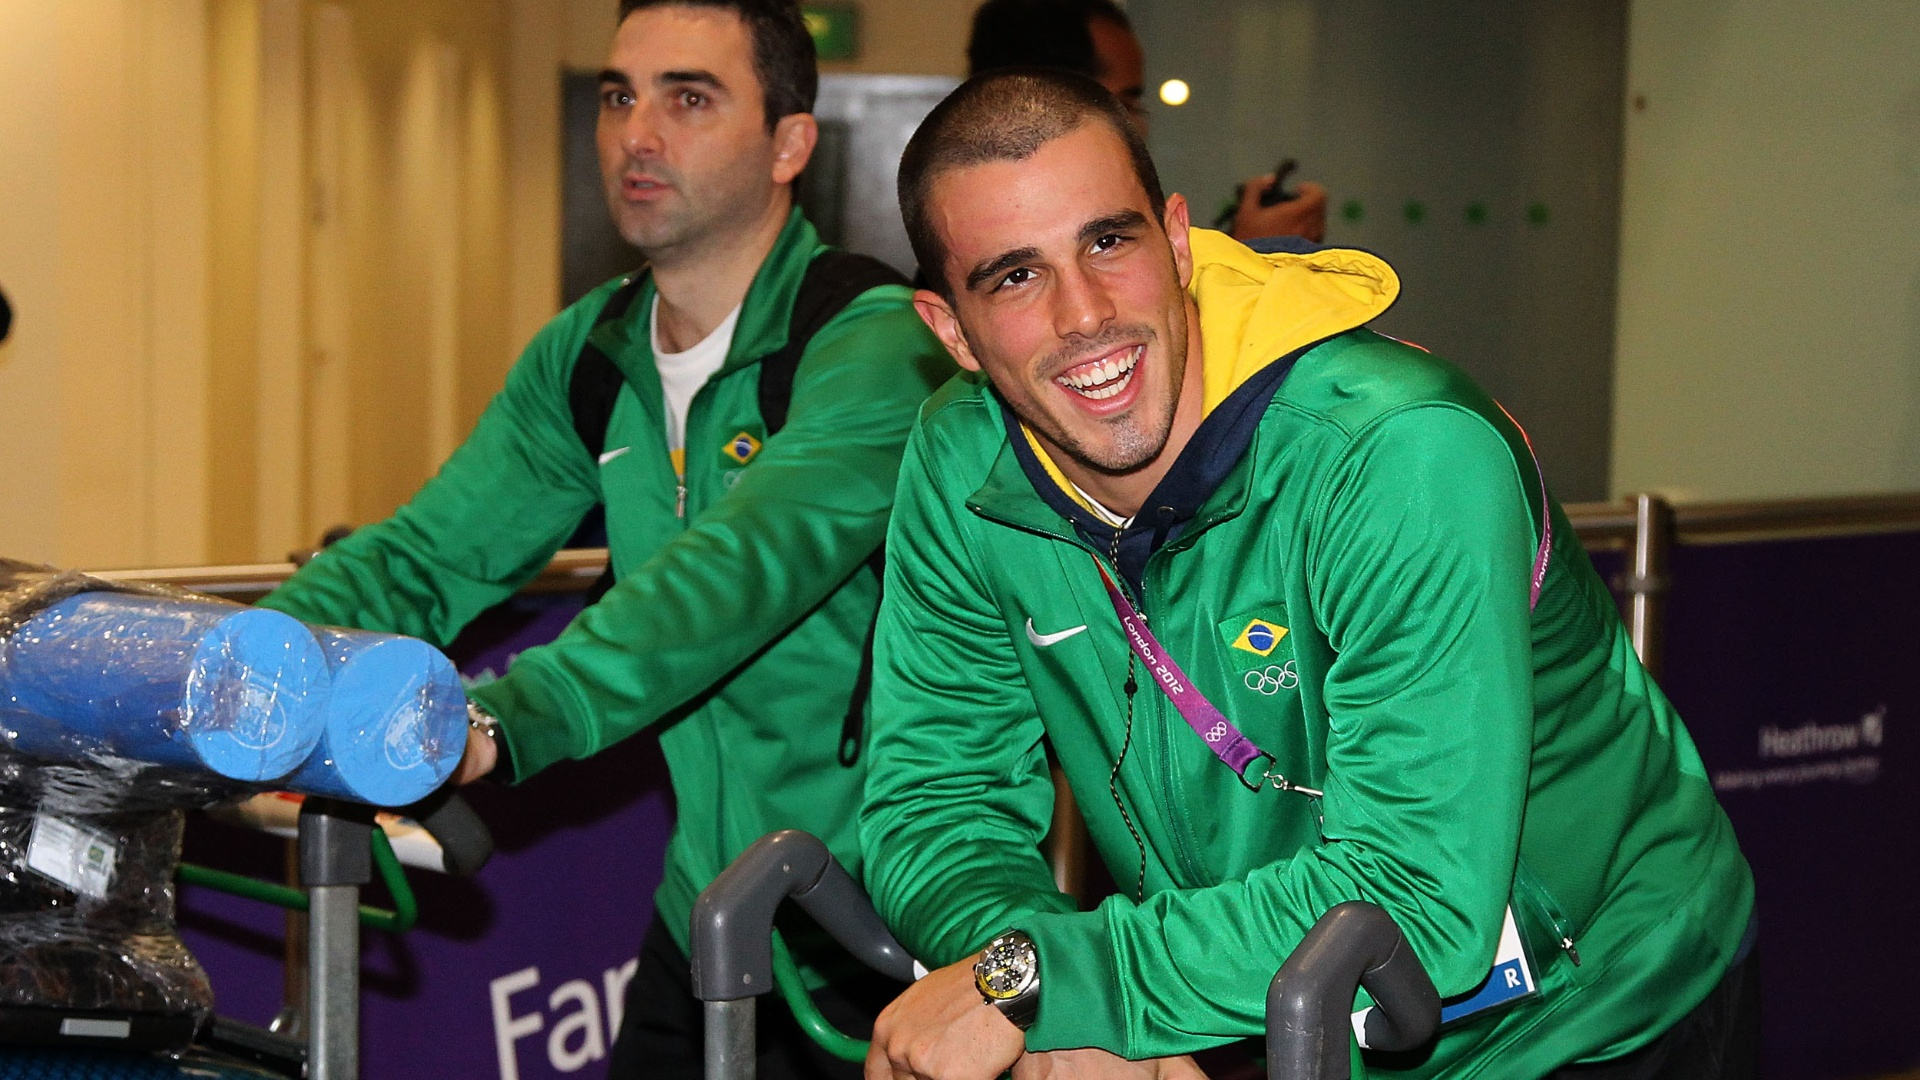 Nadador Bruno Fratus carrega as malas em chegada da delegação à Londres